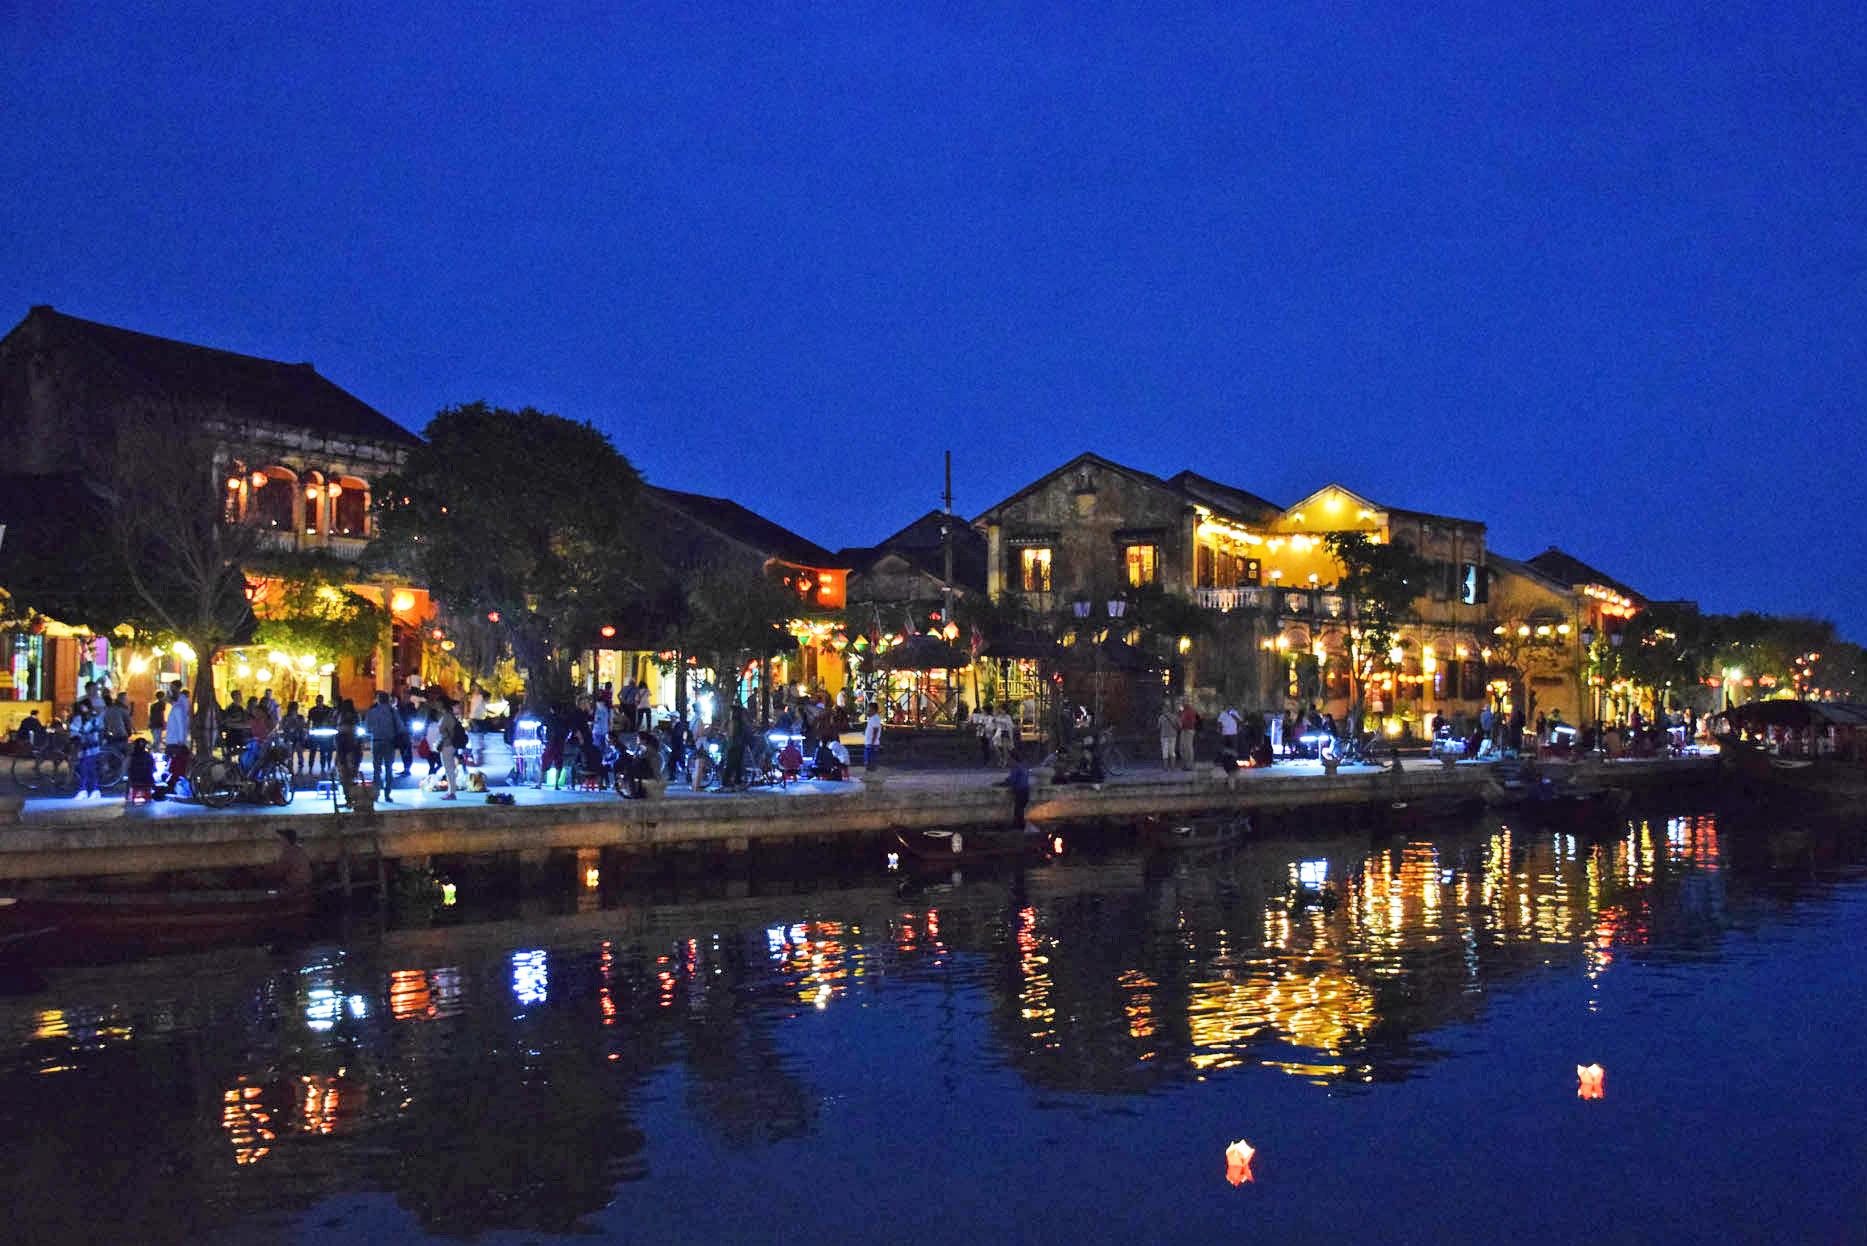 O rio todo iluminado pelas velinhas com pedidos dos turistas!